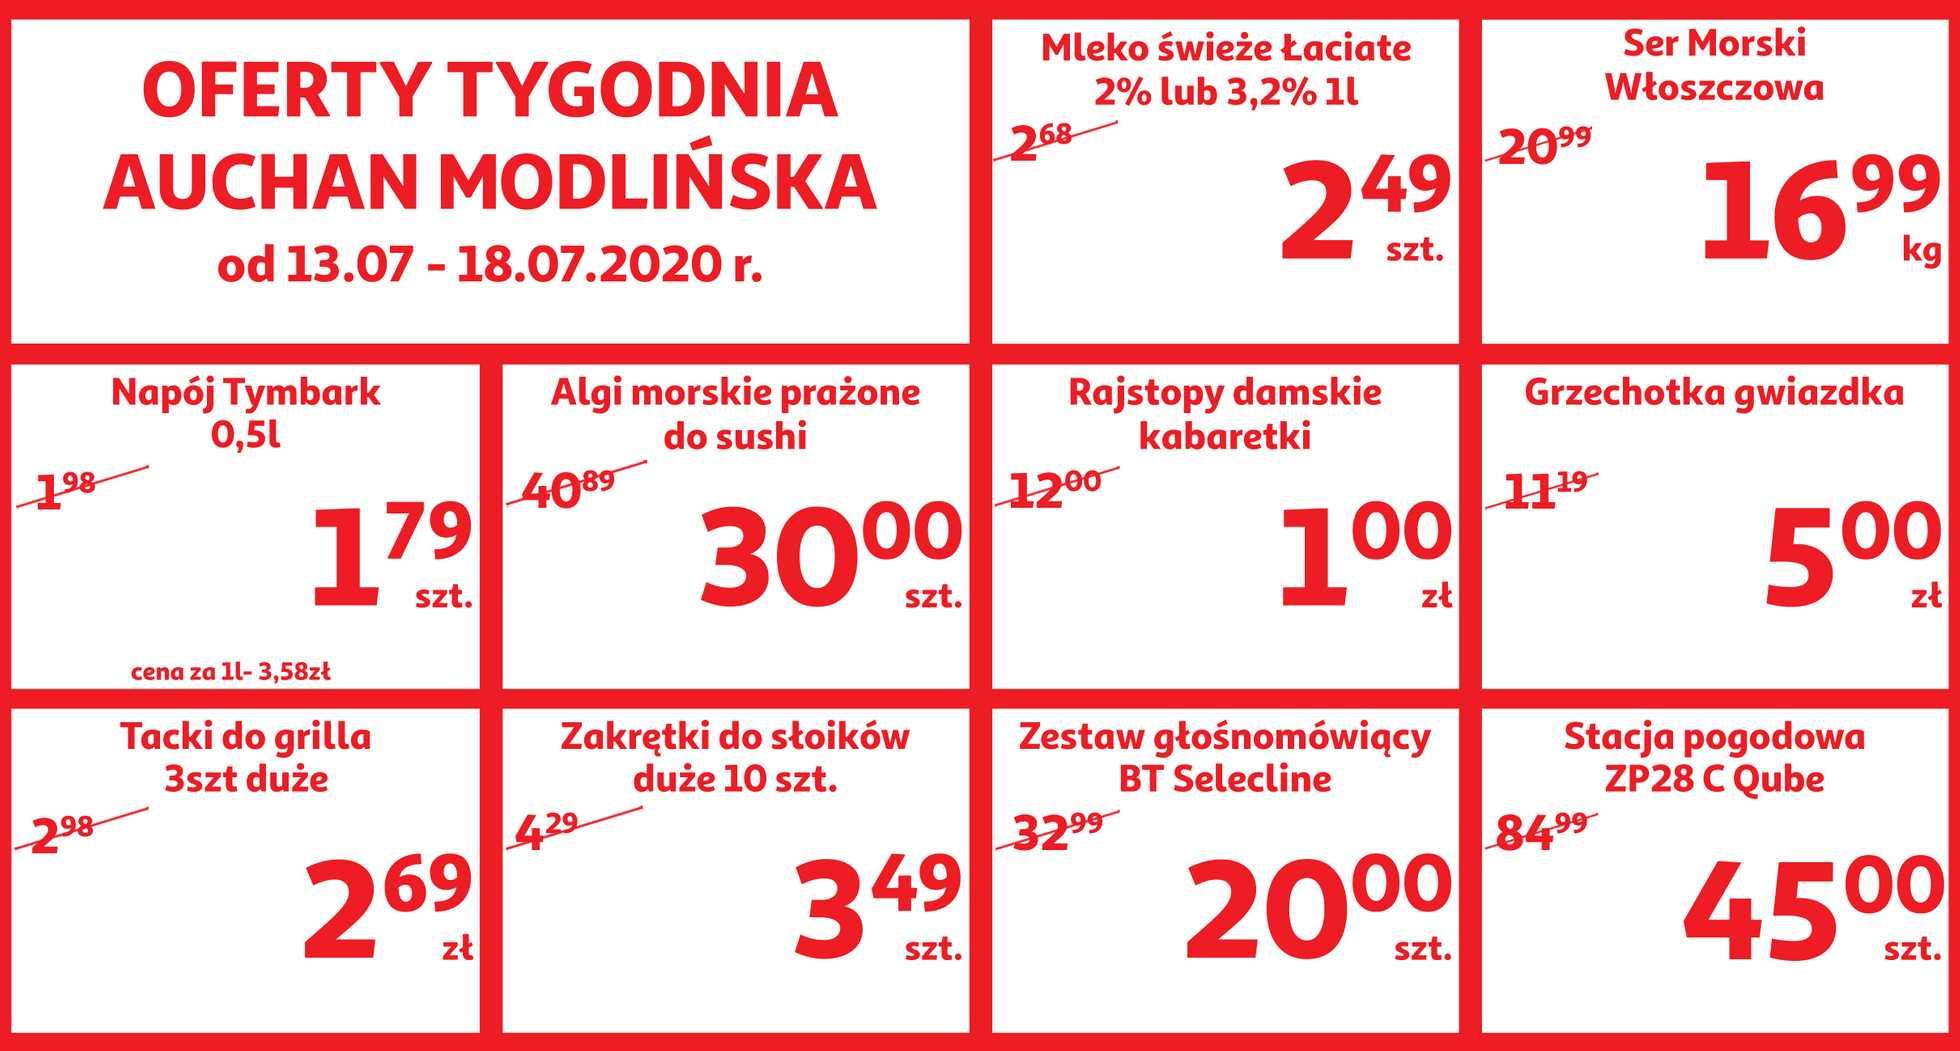 Auchan - gazetka promocyjna ważna od 13.07.2020 do 18.07.2020 - strona 1.